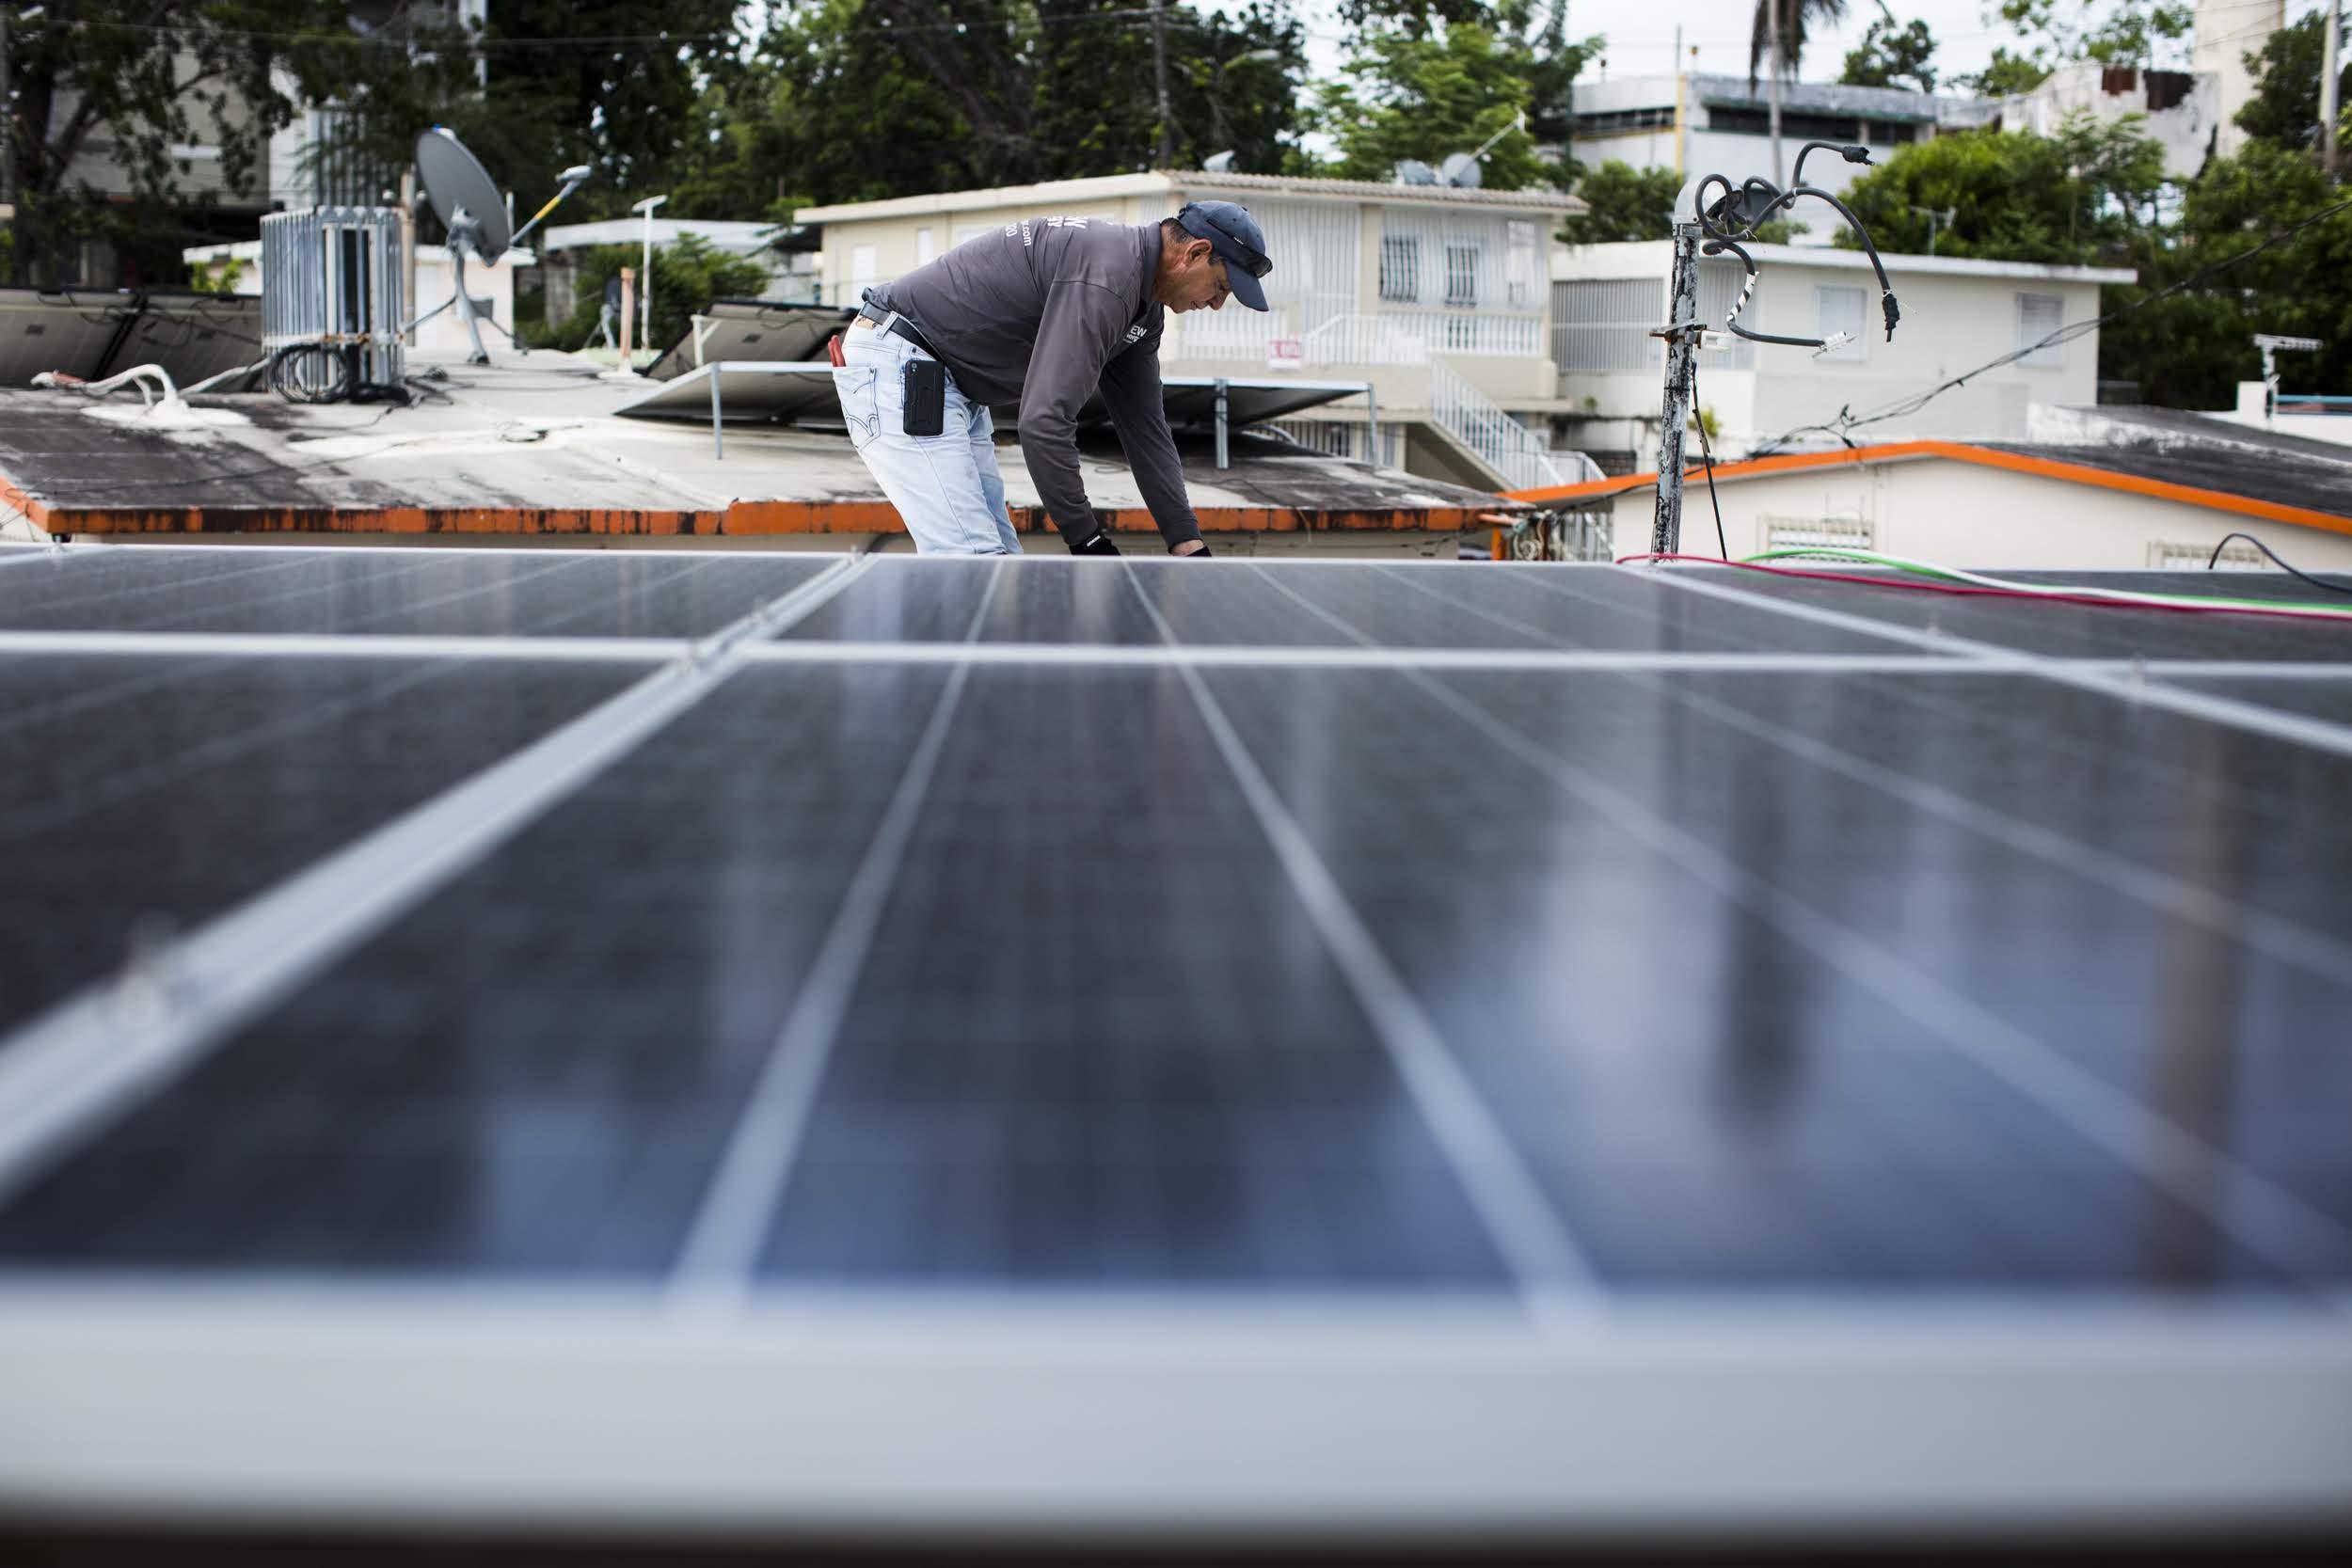 Paneles de electricidad son instalados el 5 de julio de 2018 en Clínica Iella, en San Juan, Puerto Rico. El sistema, financiado por Direct Relief, ayudará a la clínica a mantenerse operando en caso de una interrupción de electricidad. (Foto de Erika P. Rodríguez para Direct Relief).